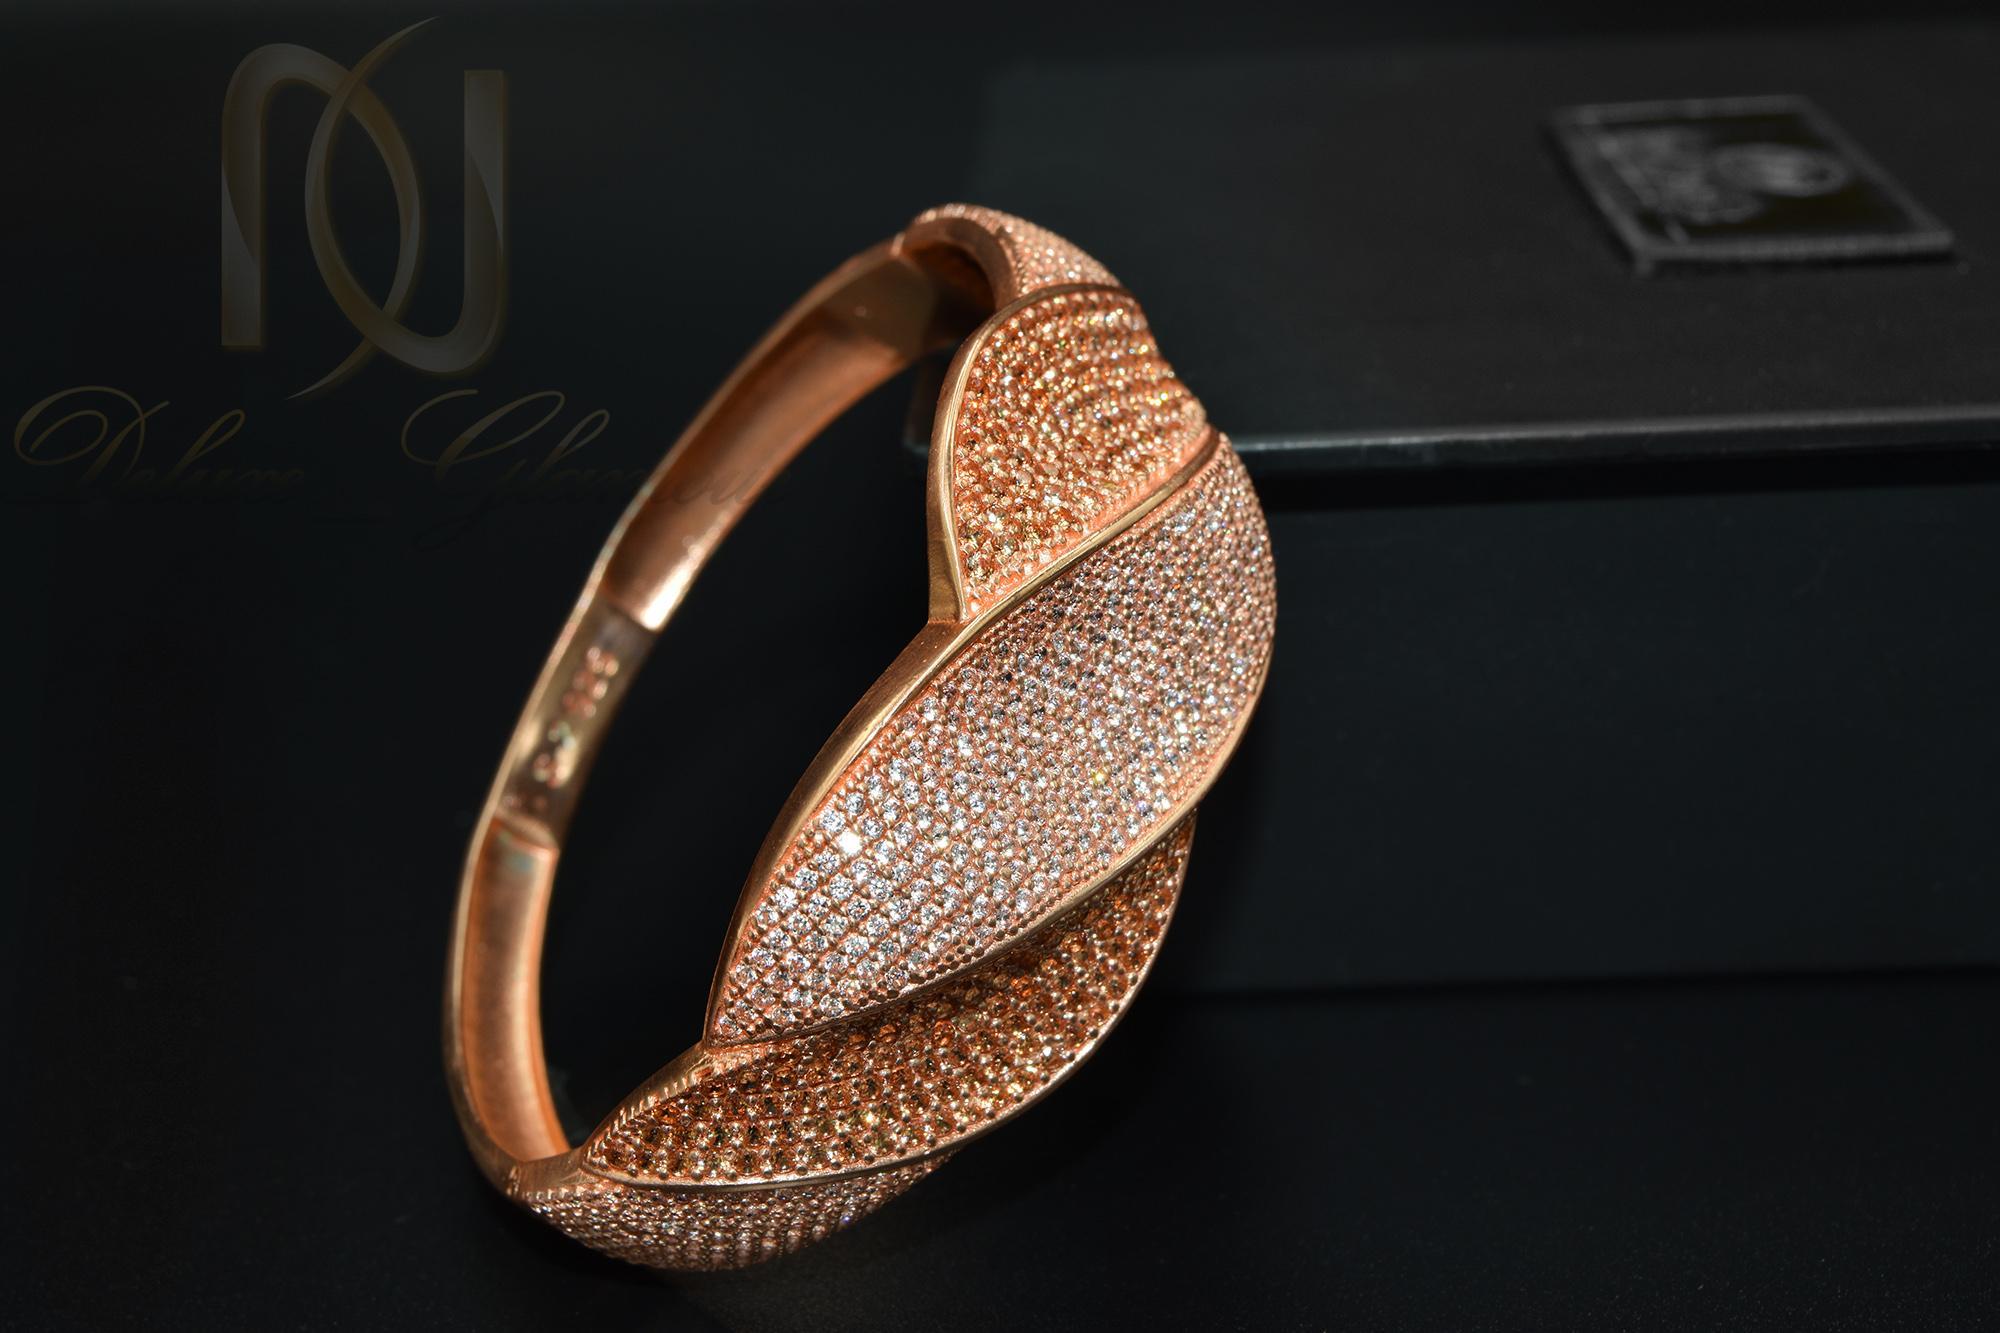 دستبند نقره زنانه رزگلد نگین دار خاص DS-N364 از نمای مشکی